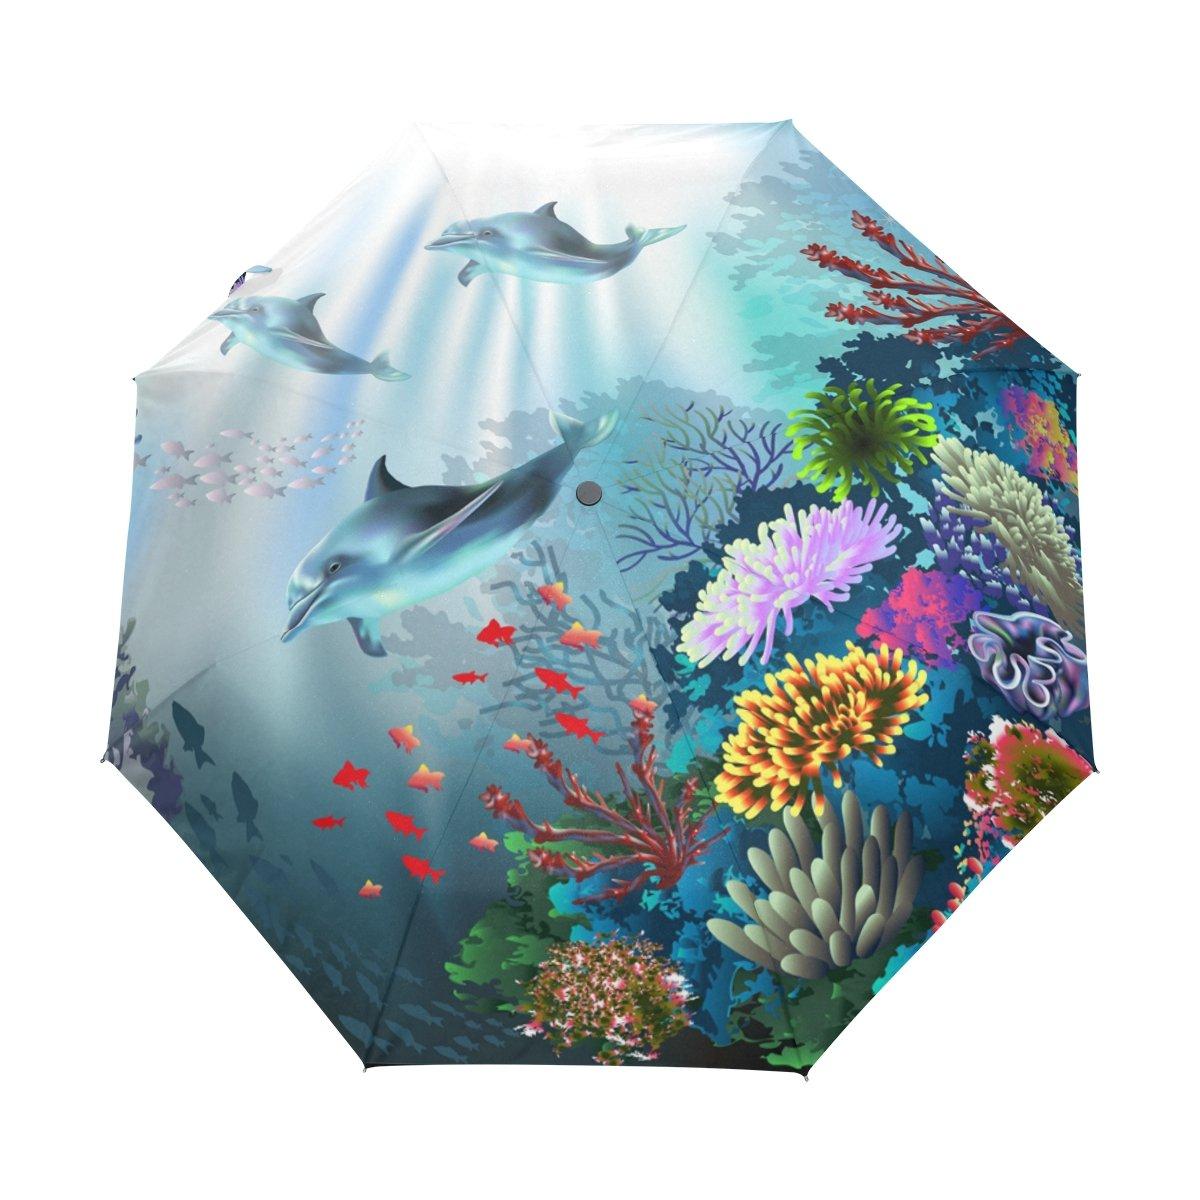 太陽と雨コンパクトトラベル傘防風UV保護軽量ポータブルアウトドア折りたたみゴルフ傘Auto Open Close Folding Umbrellas外部Dolphins In Flowers B07B7JNJ4X